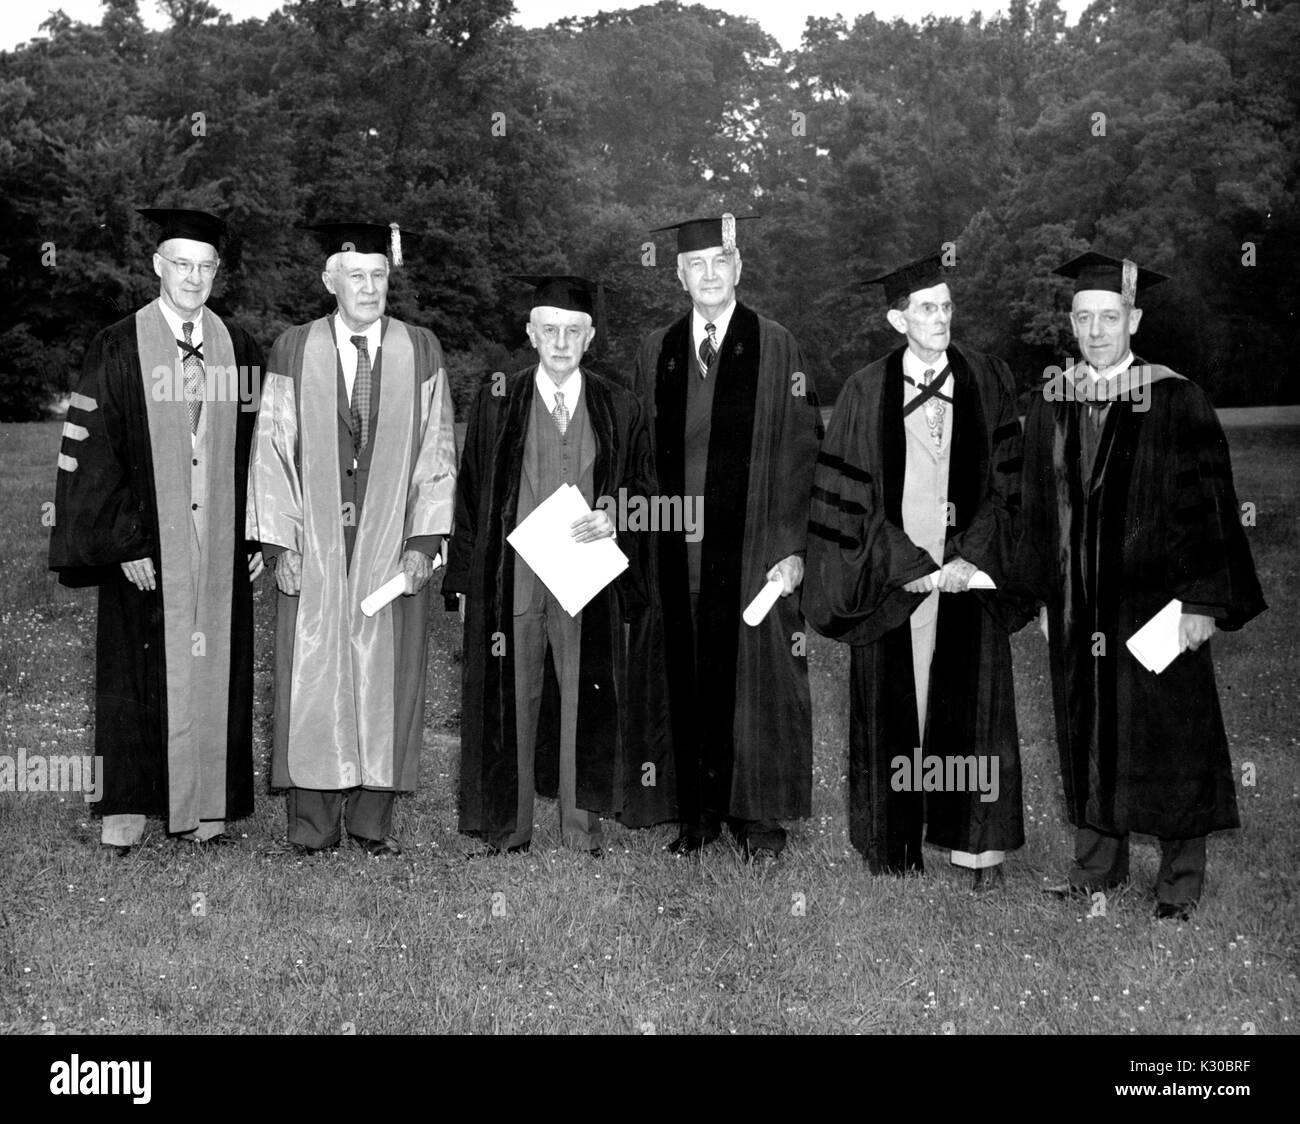 Group Portrait von der Johns Hopkins University Präsident und Ehrendoktor an Empfänger in akademischen Stockbild